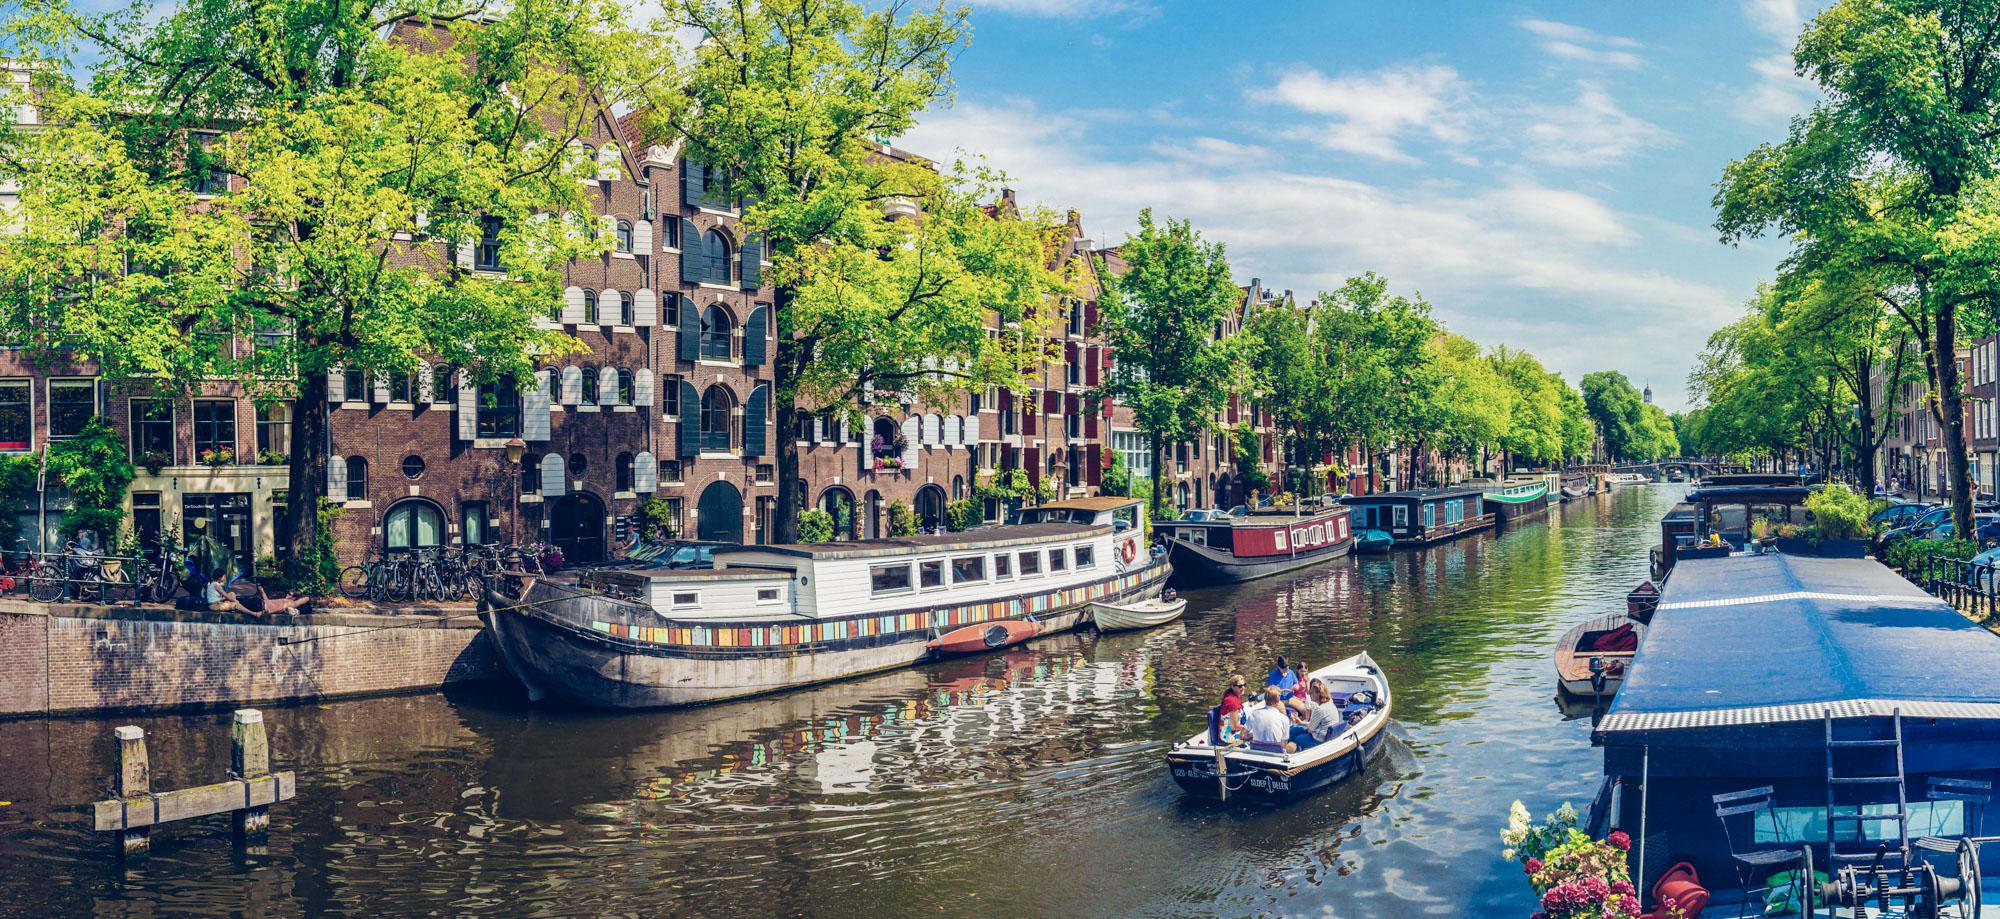 Sloep / Boat Brouwersgracht